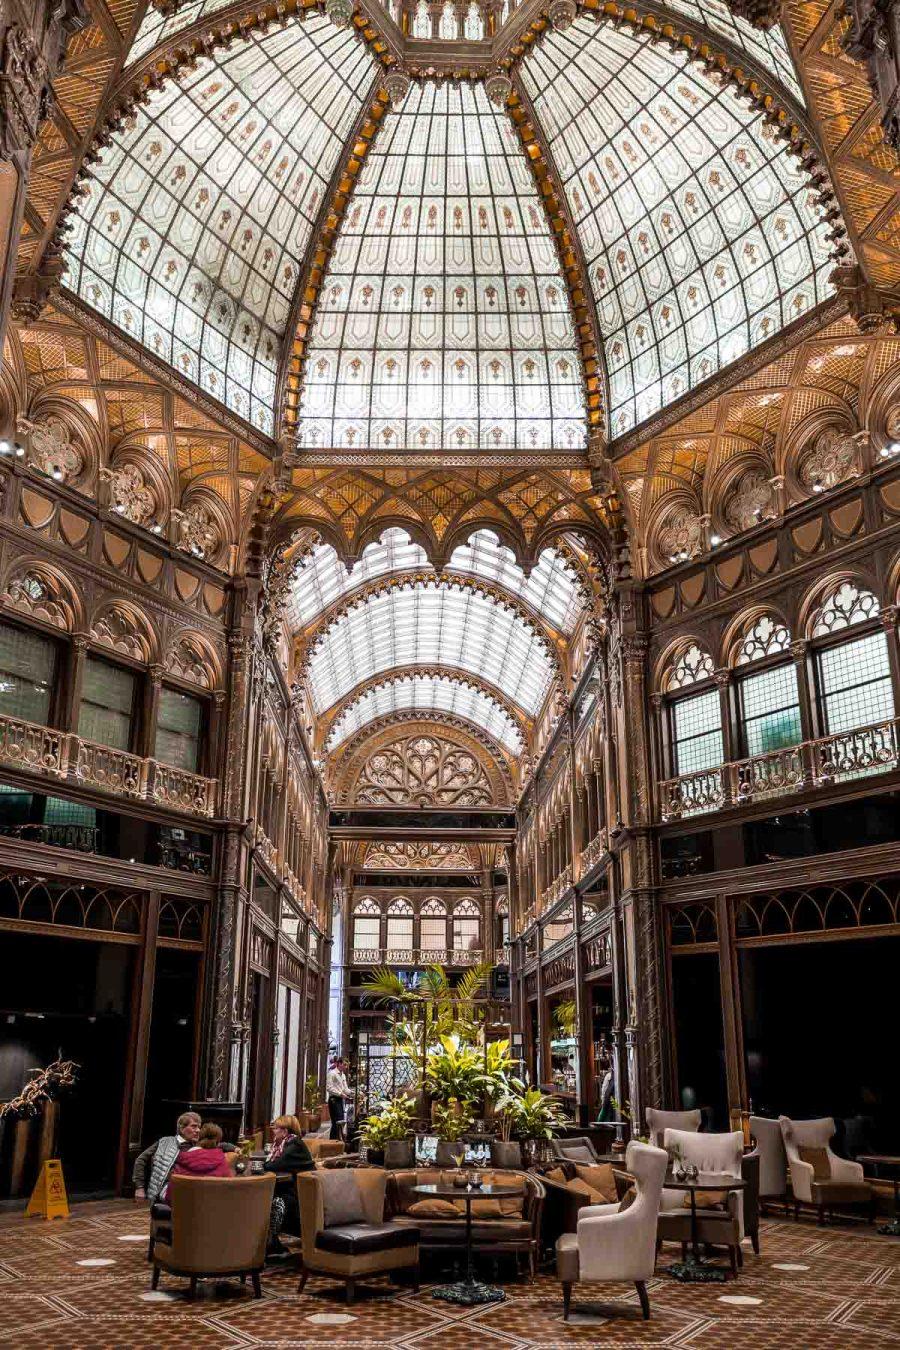 Paris Court in Budapest